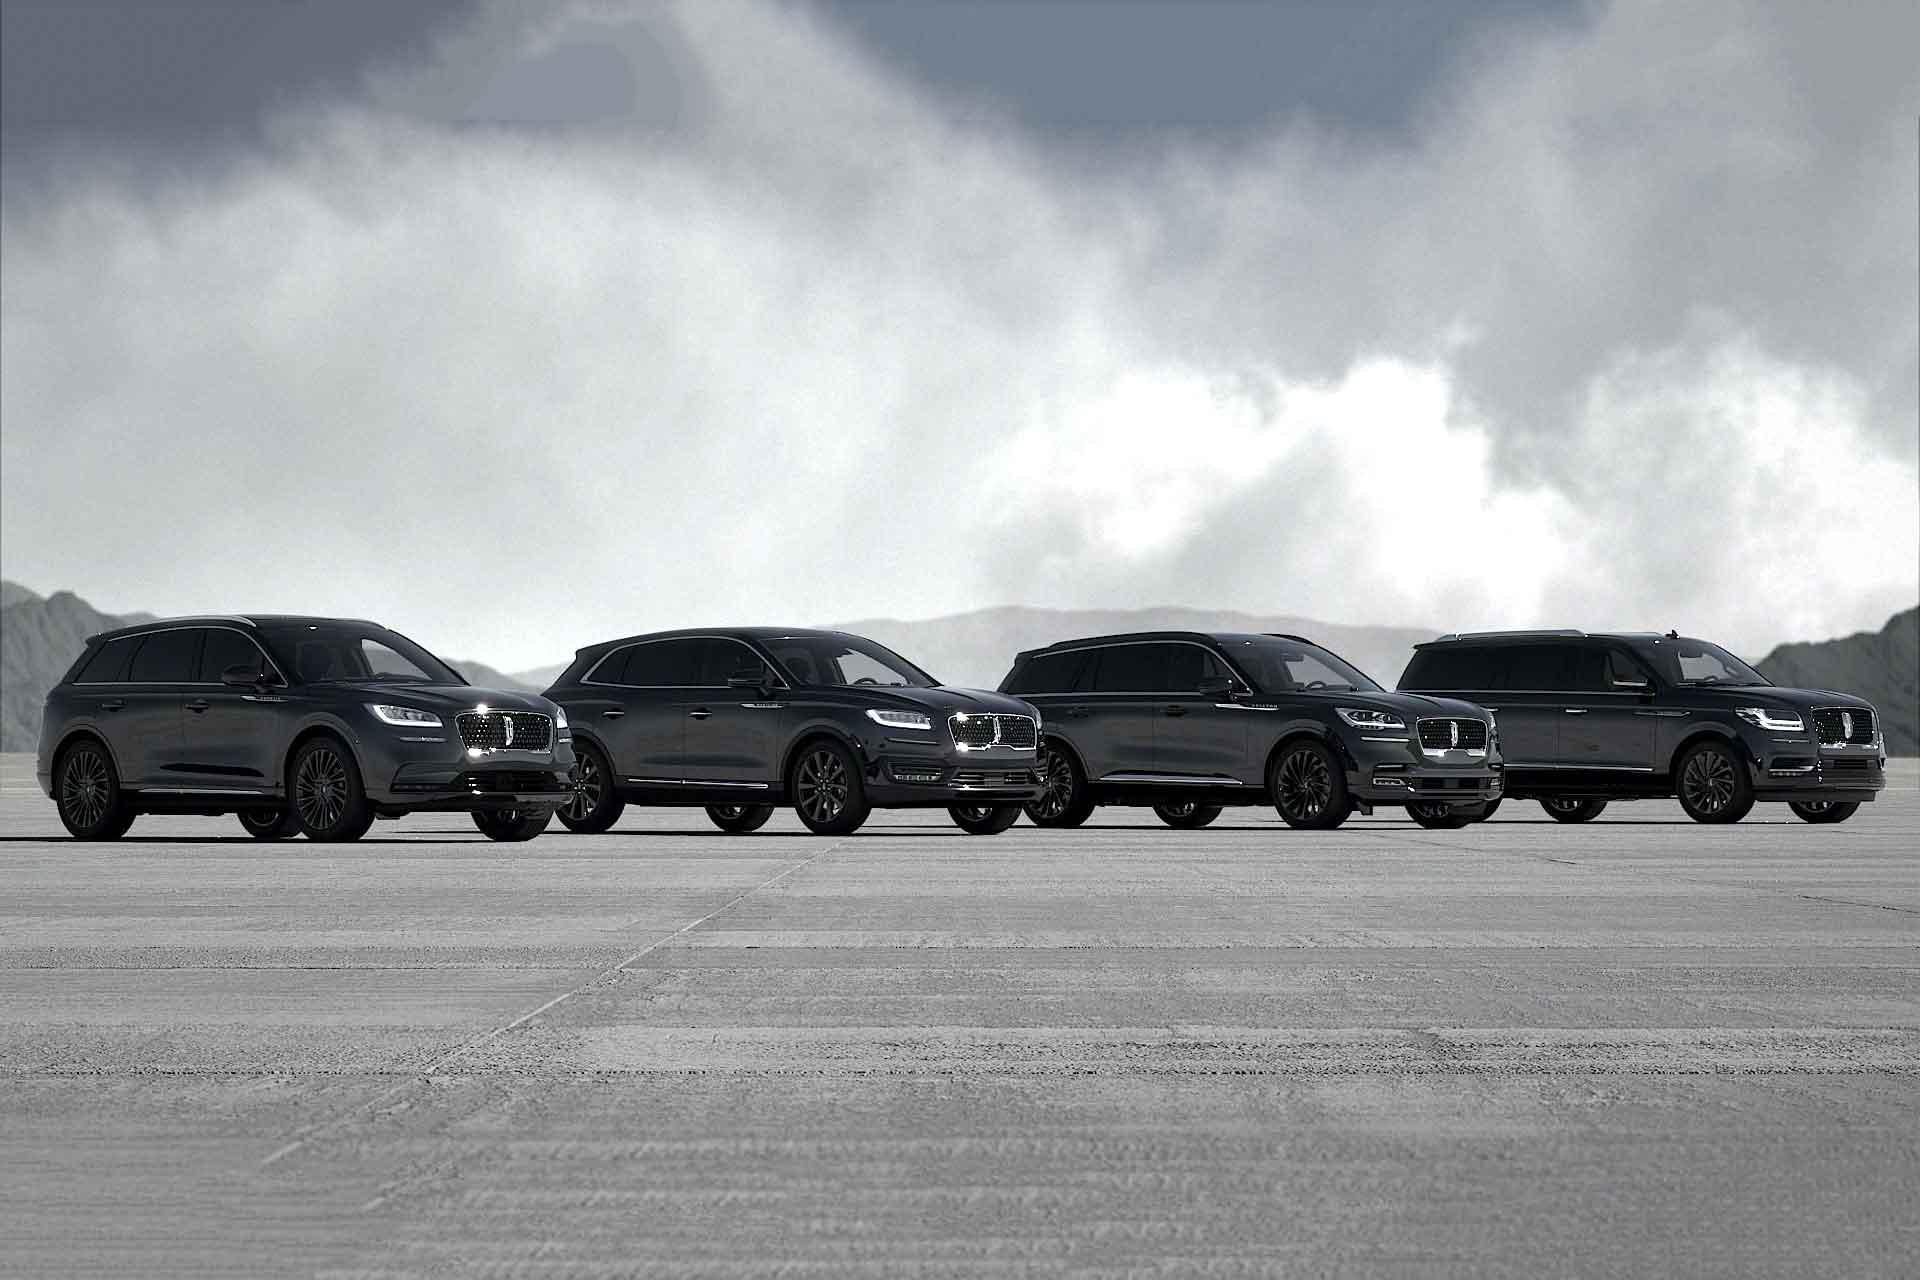 Lincoln Monochromatic SUVs